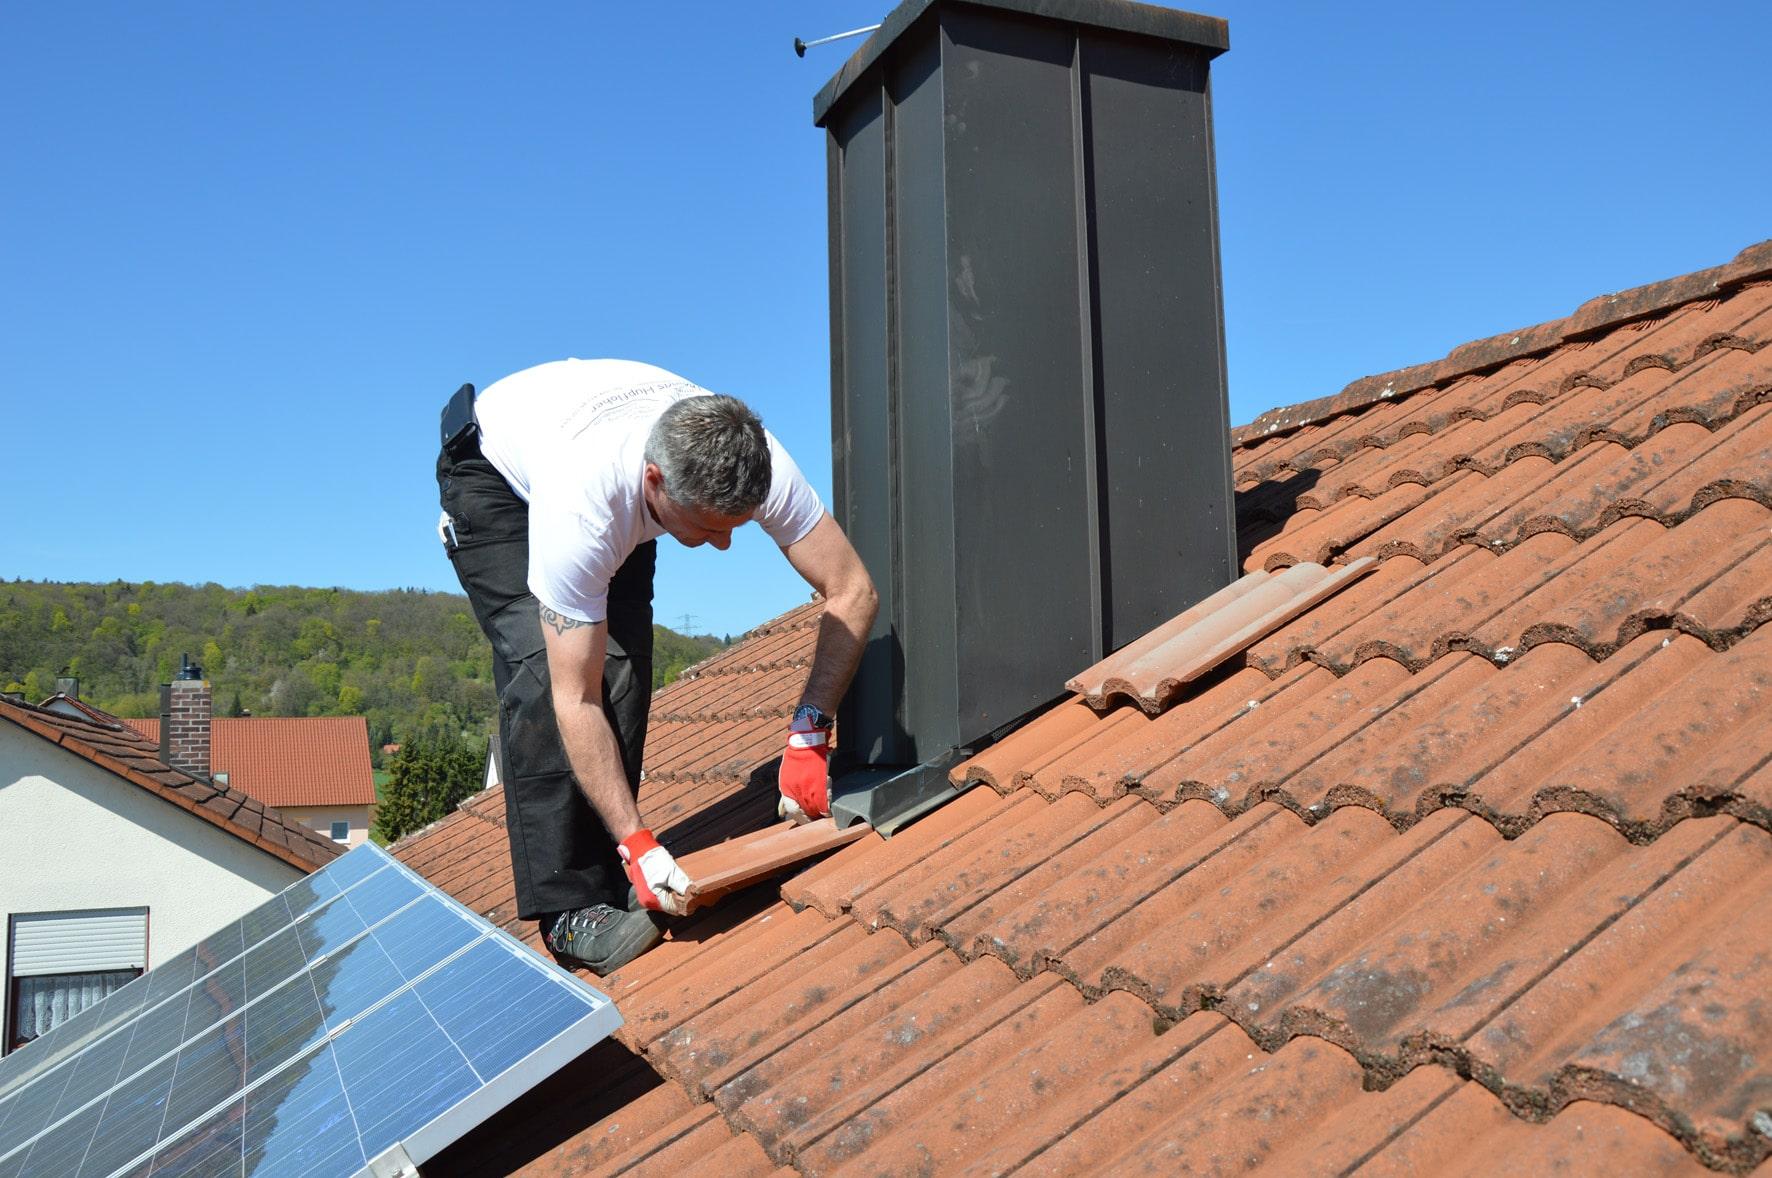 Beim DachCheck wird nicht nur die Dacheindeckung, sondern alle Dachkomponenten wie Kaminbekleidungen und Solaranlagen überprüft. (Foto: Dachdecker Verband Nordrhein)